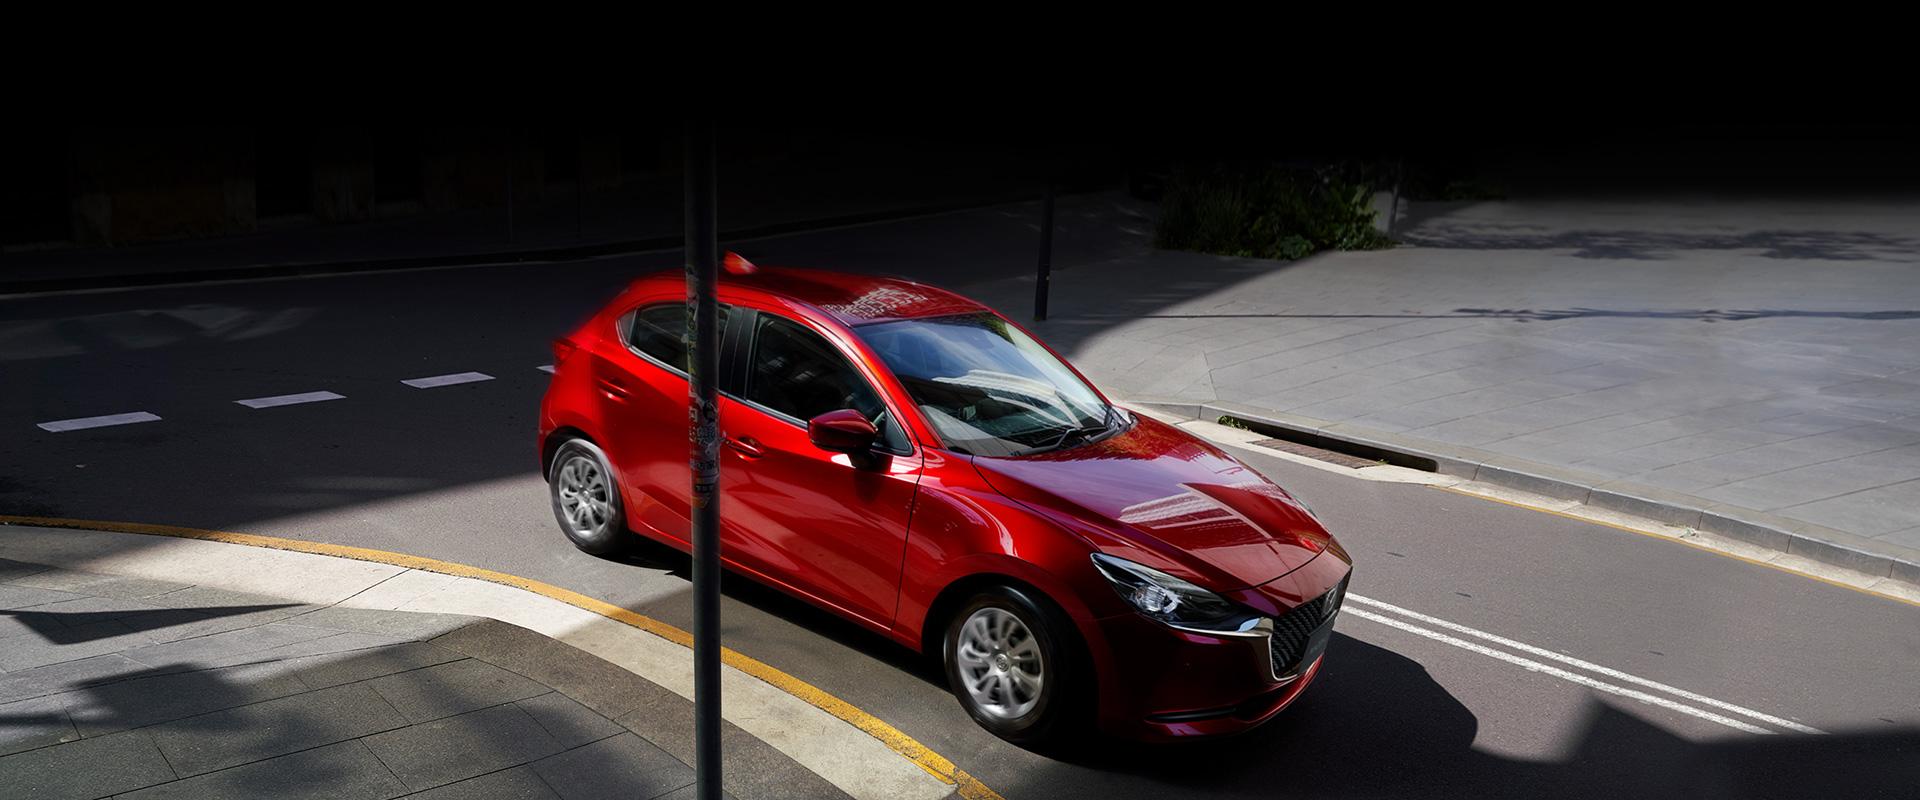 Kelebihan Kekurangan Mazda Jp Perbandingan Harga